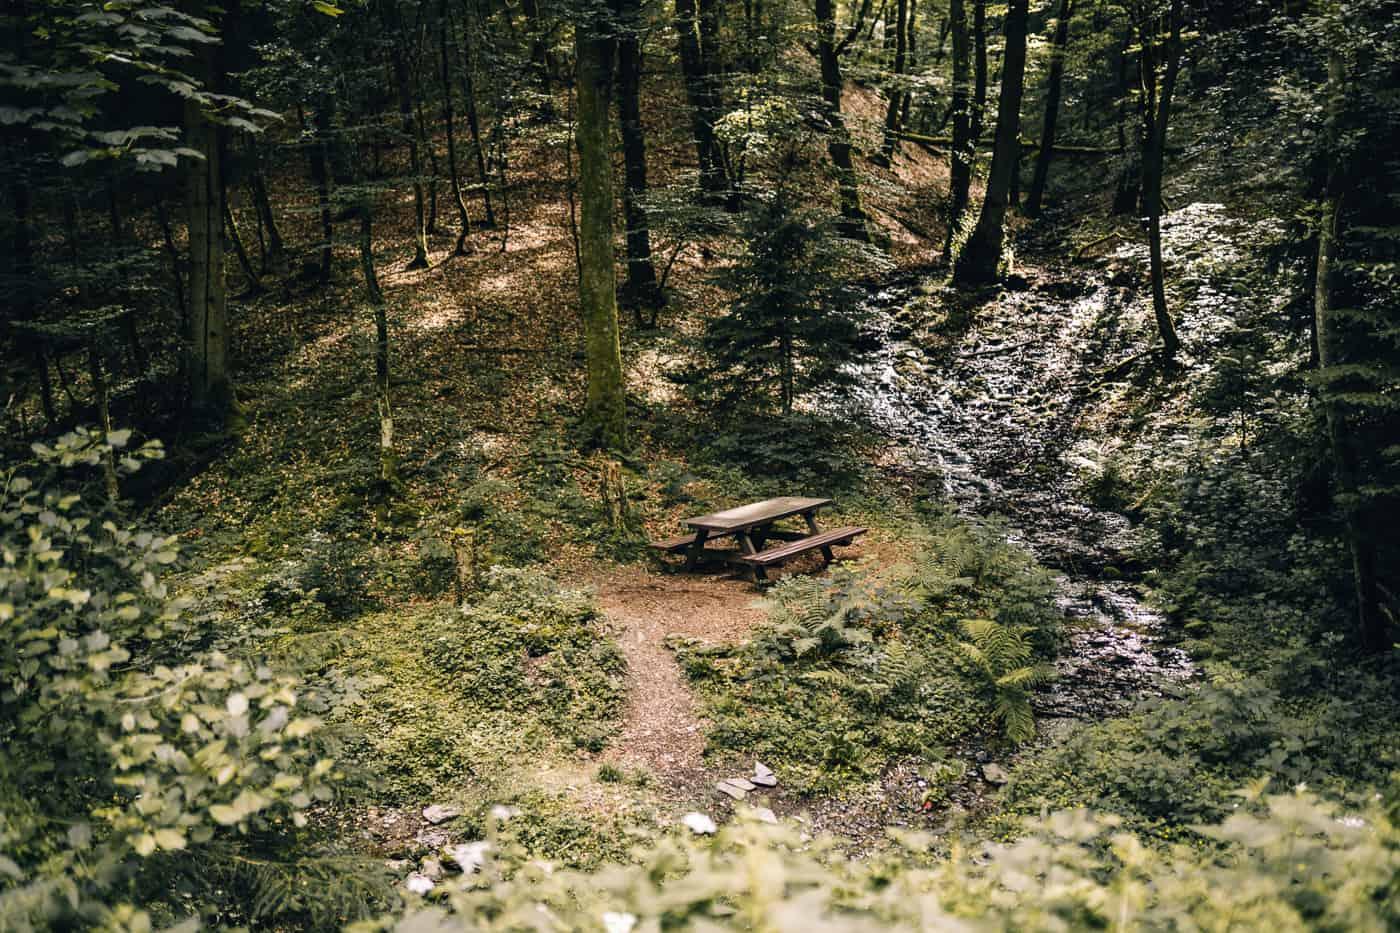 Baybachklamm Traumschleife Wanderung - Buchbachtal